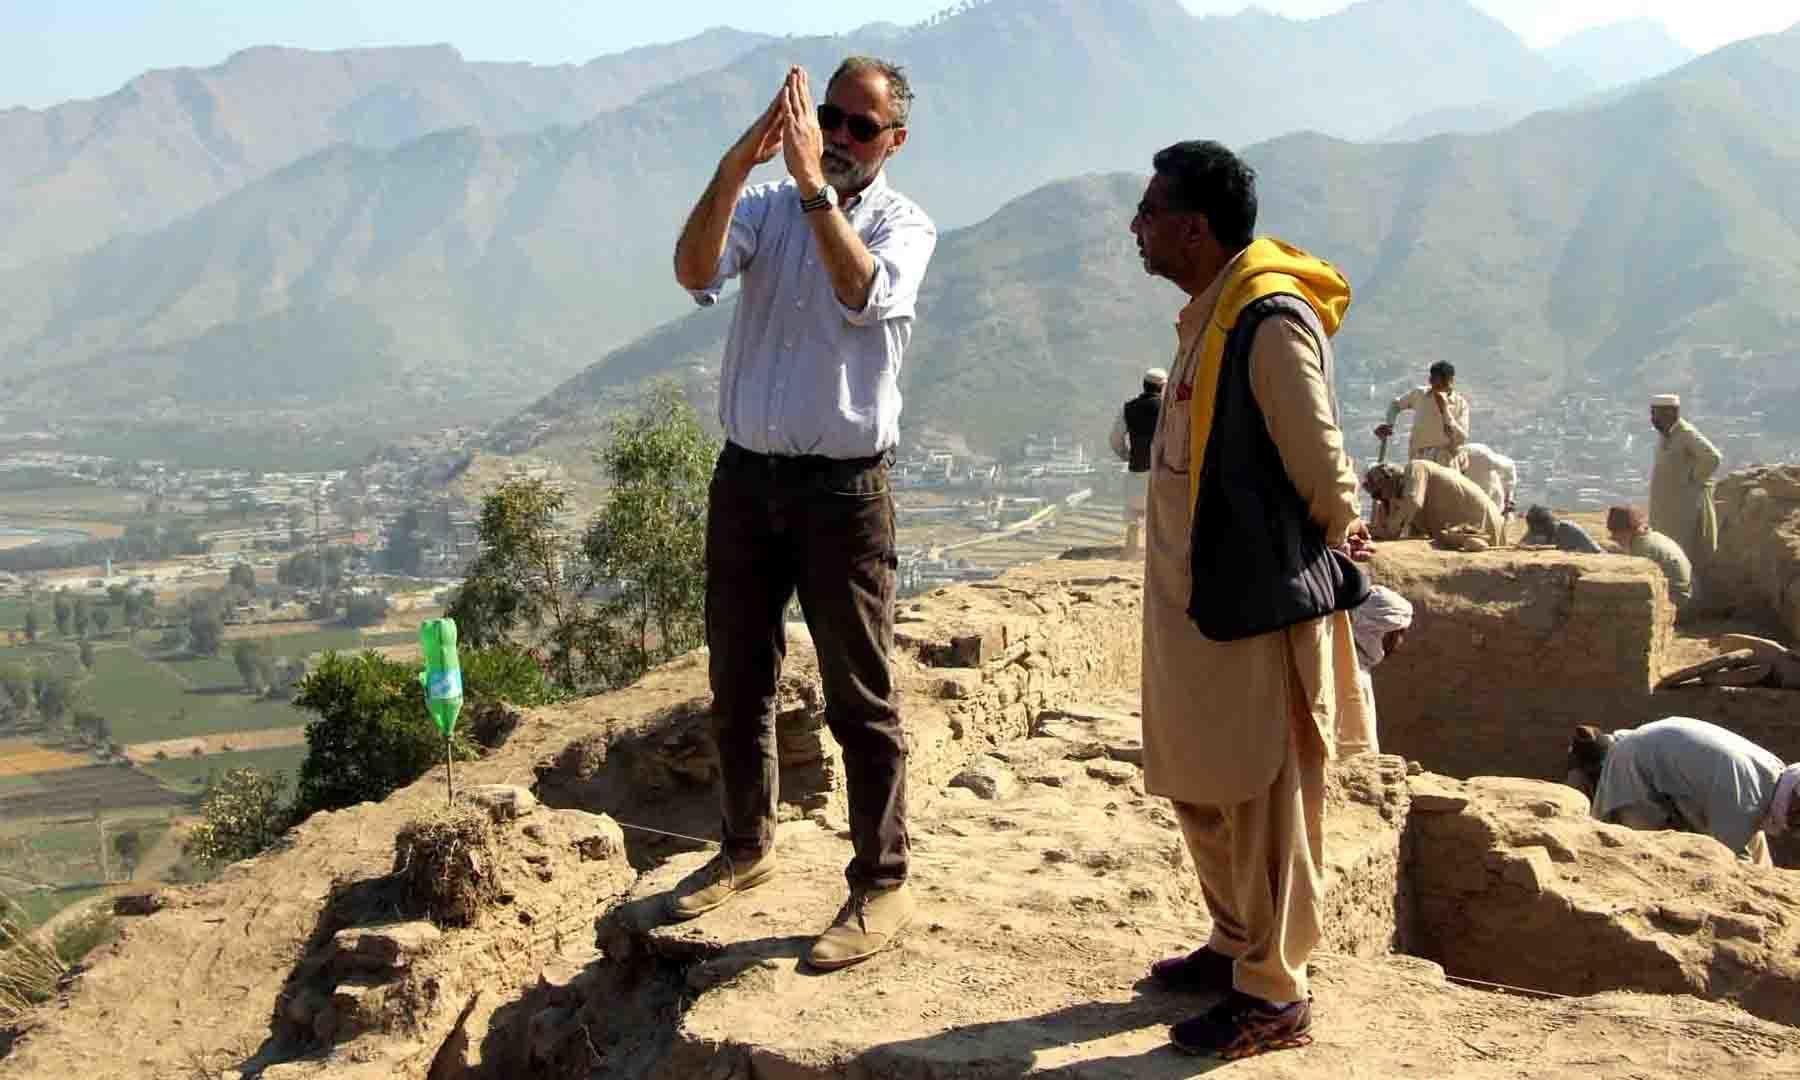 اٹالین آرکیالوجیکل مشن کے سربراہ پروفیسر لوکا، مقامی صحافی کو مندر کی تاریخ کے بارے میں بتا رہے ہیں